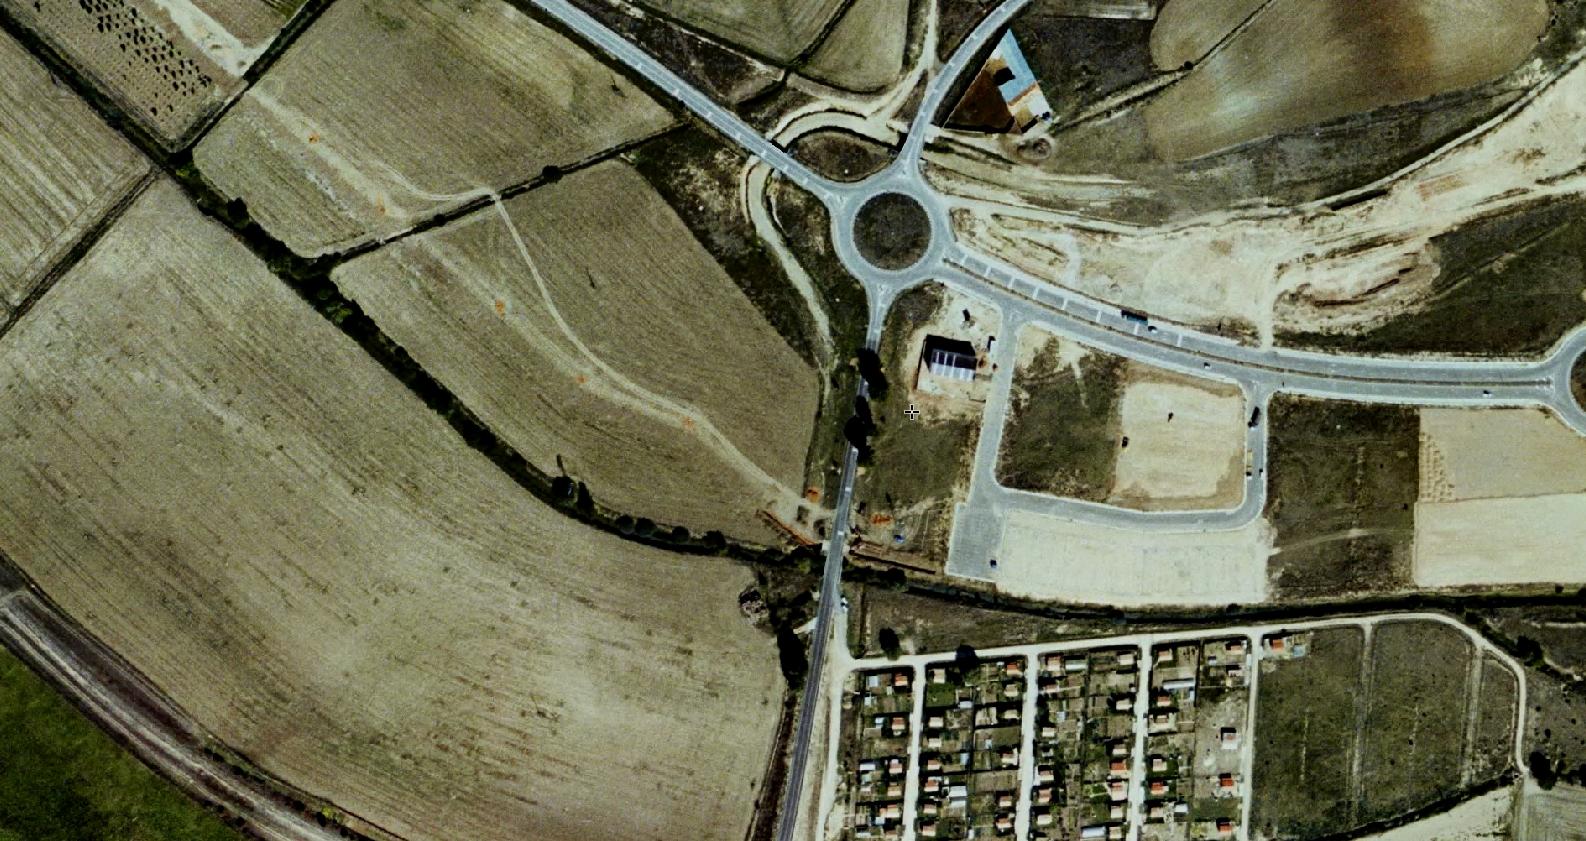 almazán, soria, to the laberint, antes, urbanismo, planeamiento, urbano, desastre, urbanístico, construcción